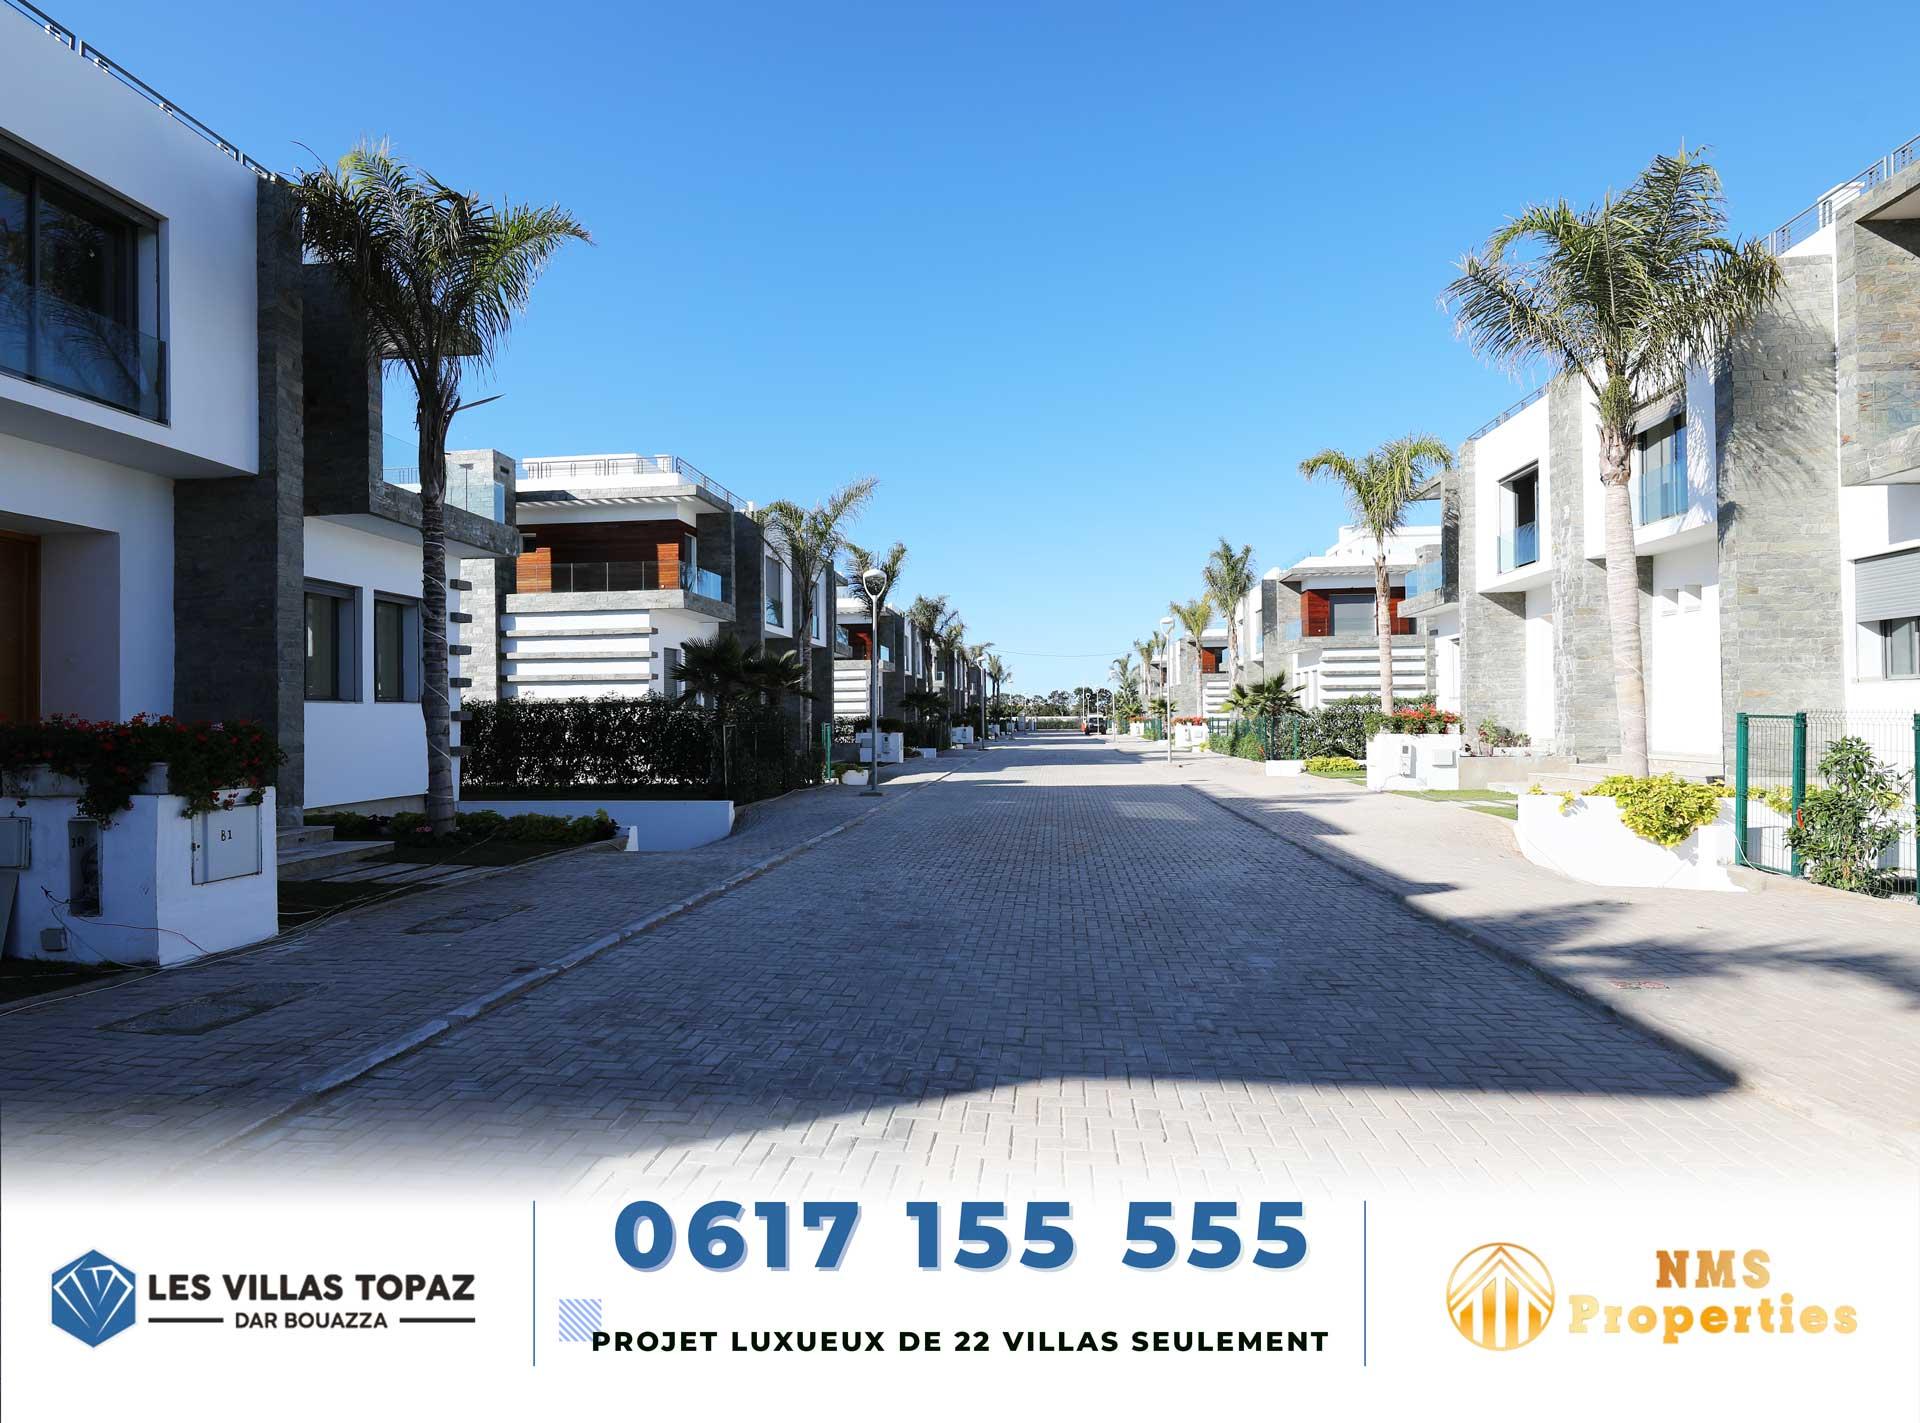 iCom-Agence-de-Communication-au-Maroc-Casablanca-creation-audiovisuelle-et-production-video-nms-villas-topaz2020-05-24 at 3.49.58 PM 9